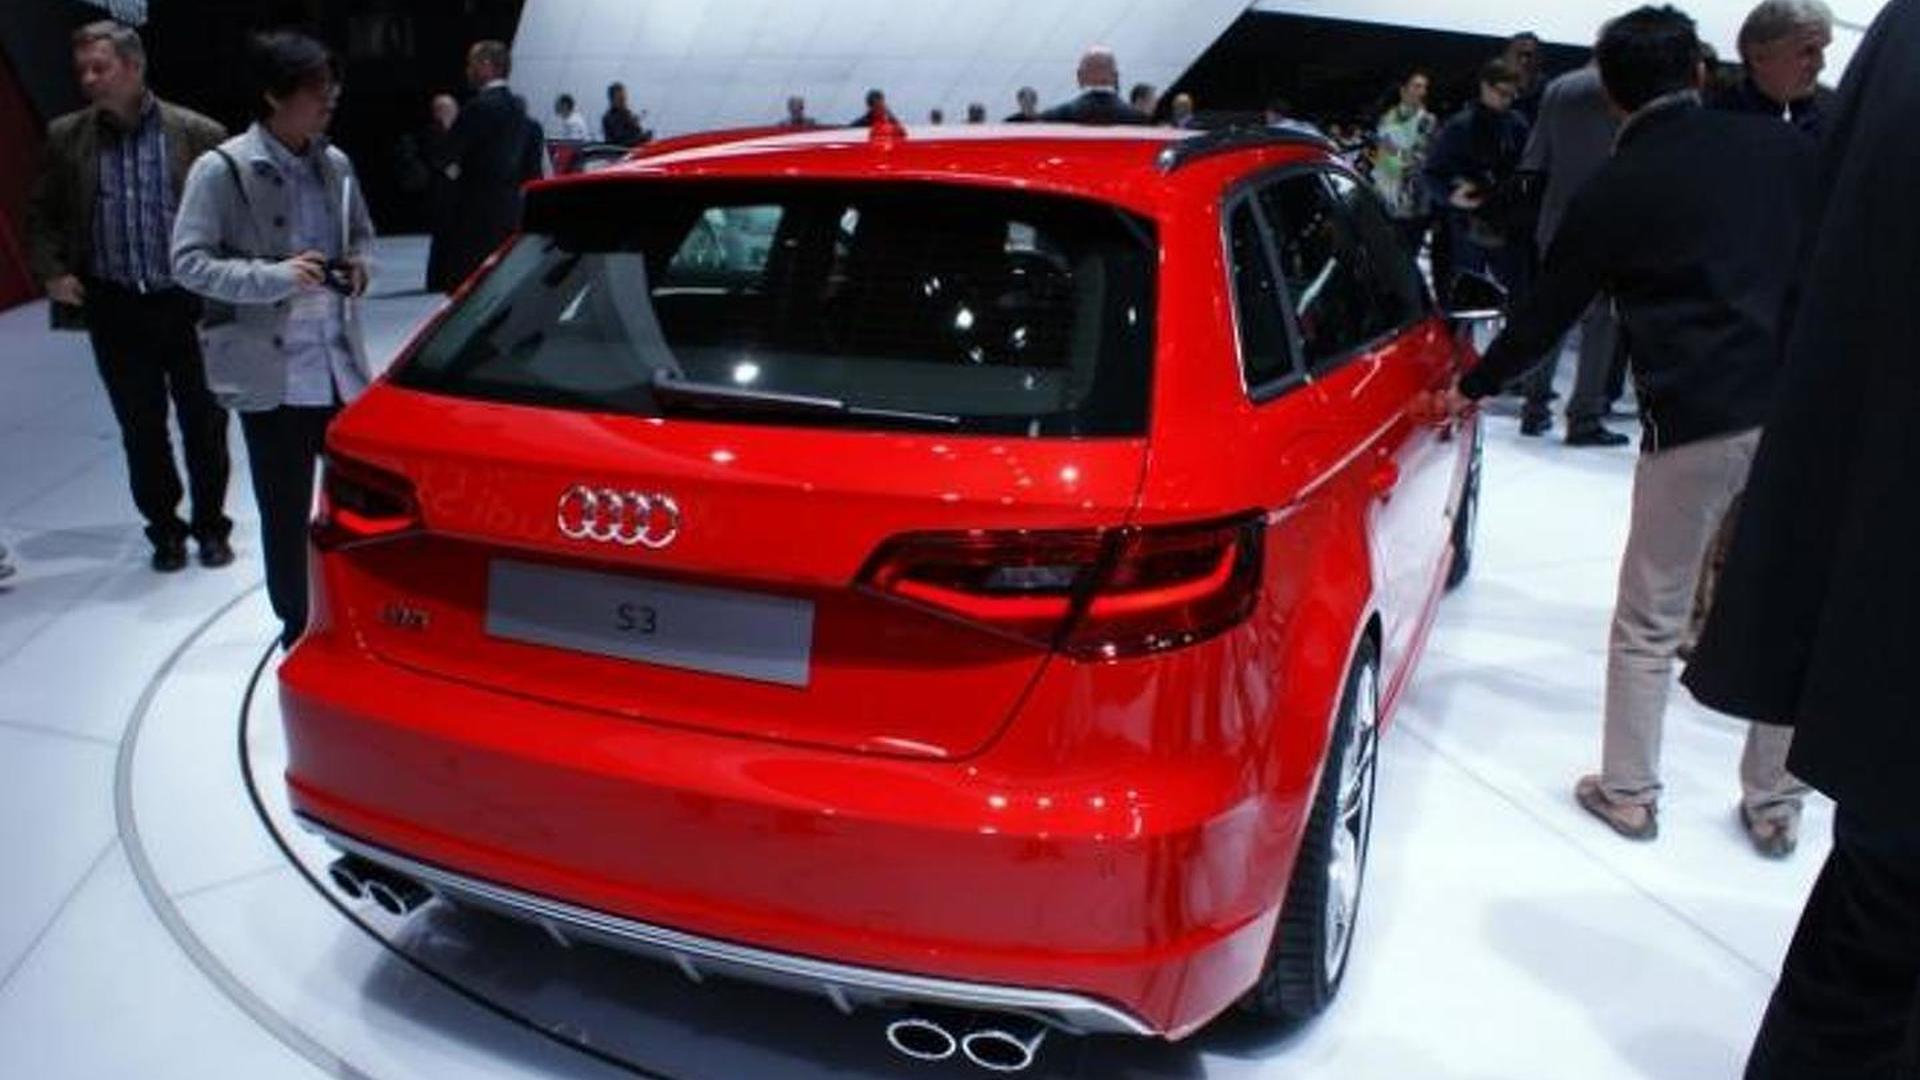 2013 Audi S3 Sportback showcased in Geneva